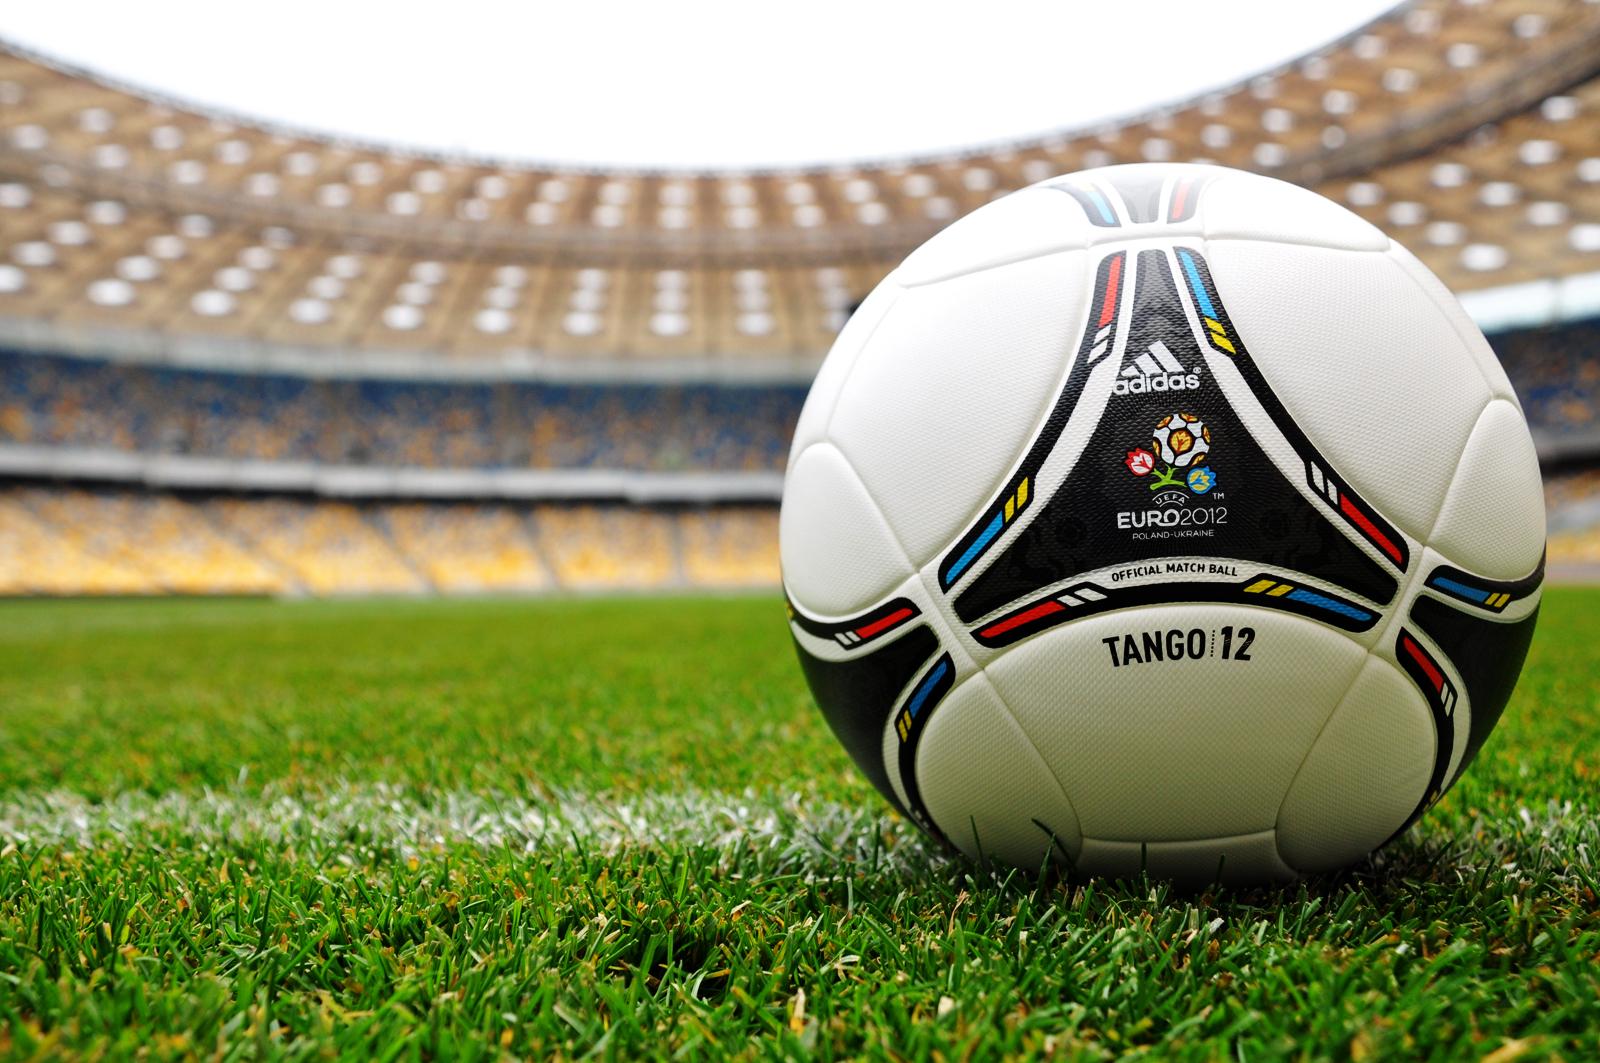 http://4.bp.blogspot.com/-cCNVqpHCSuw/T7T4AqlnPrI/AAAAAAAAAFY/akil9lM-CfM/s1600/Euro_2012_Adidas_Tango_Ball_HD_Wallpaper-Vvallpaper.Net.jpg